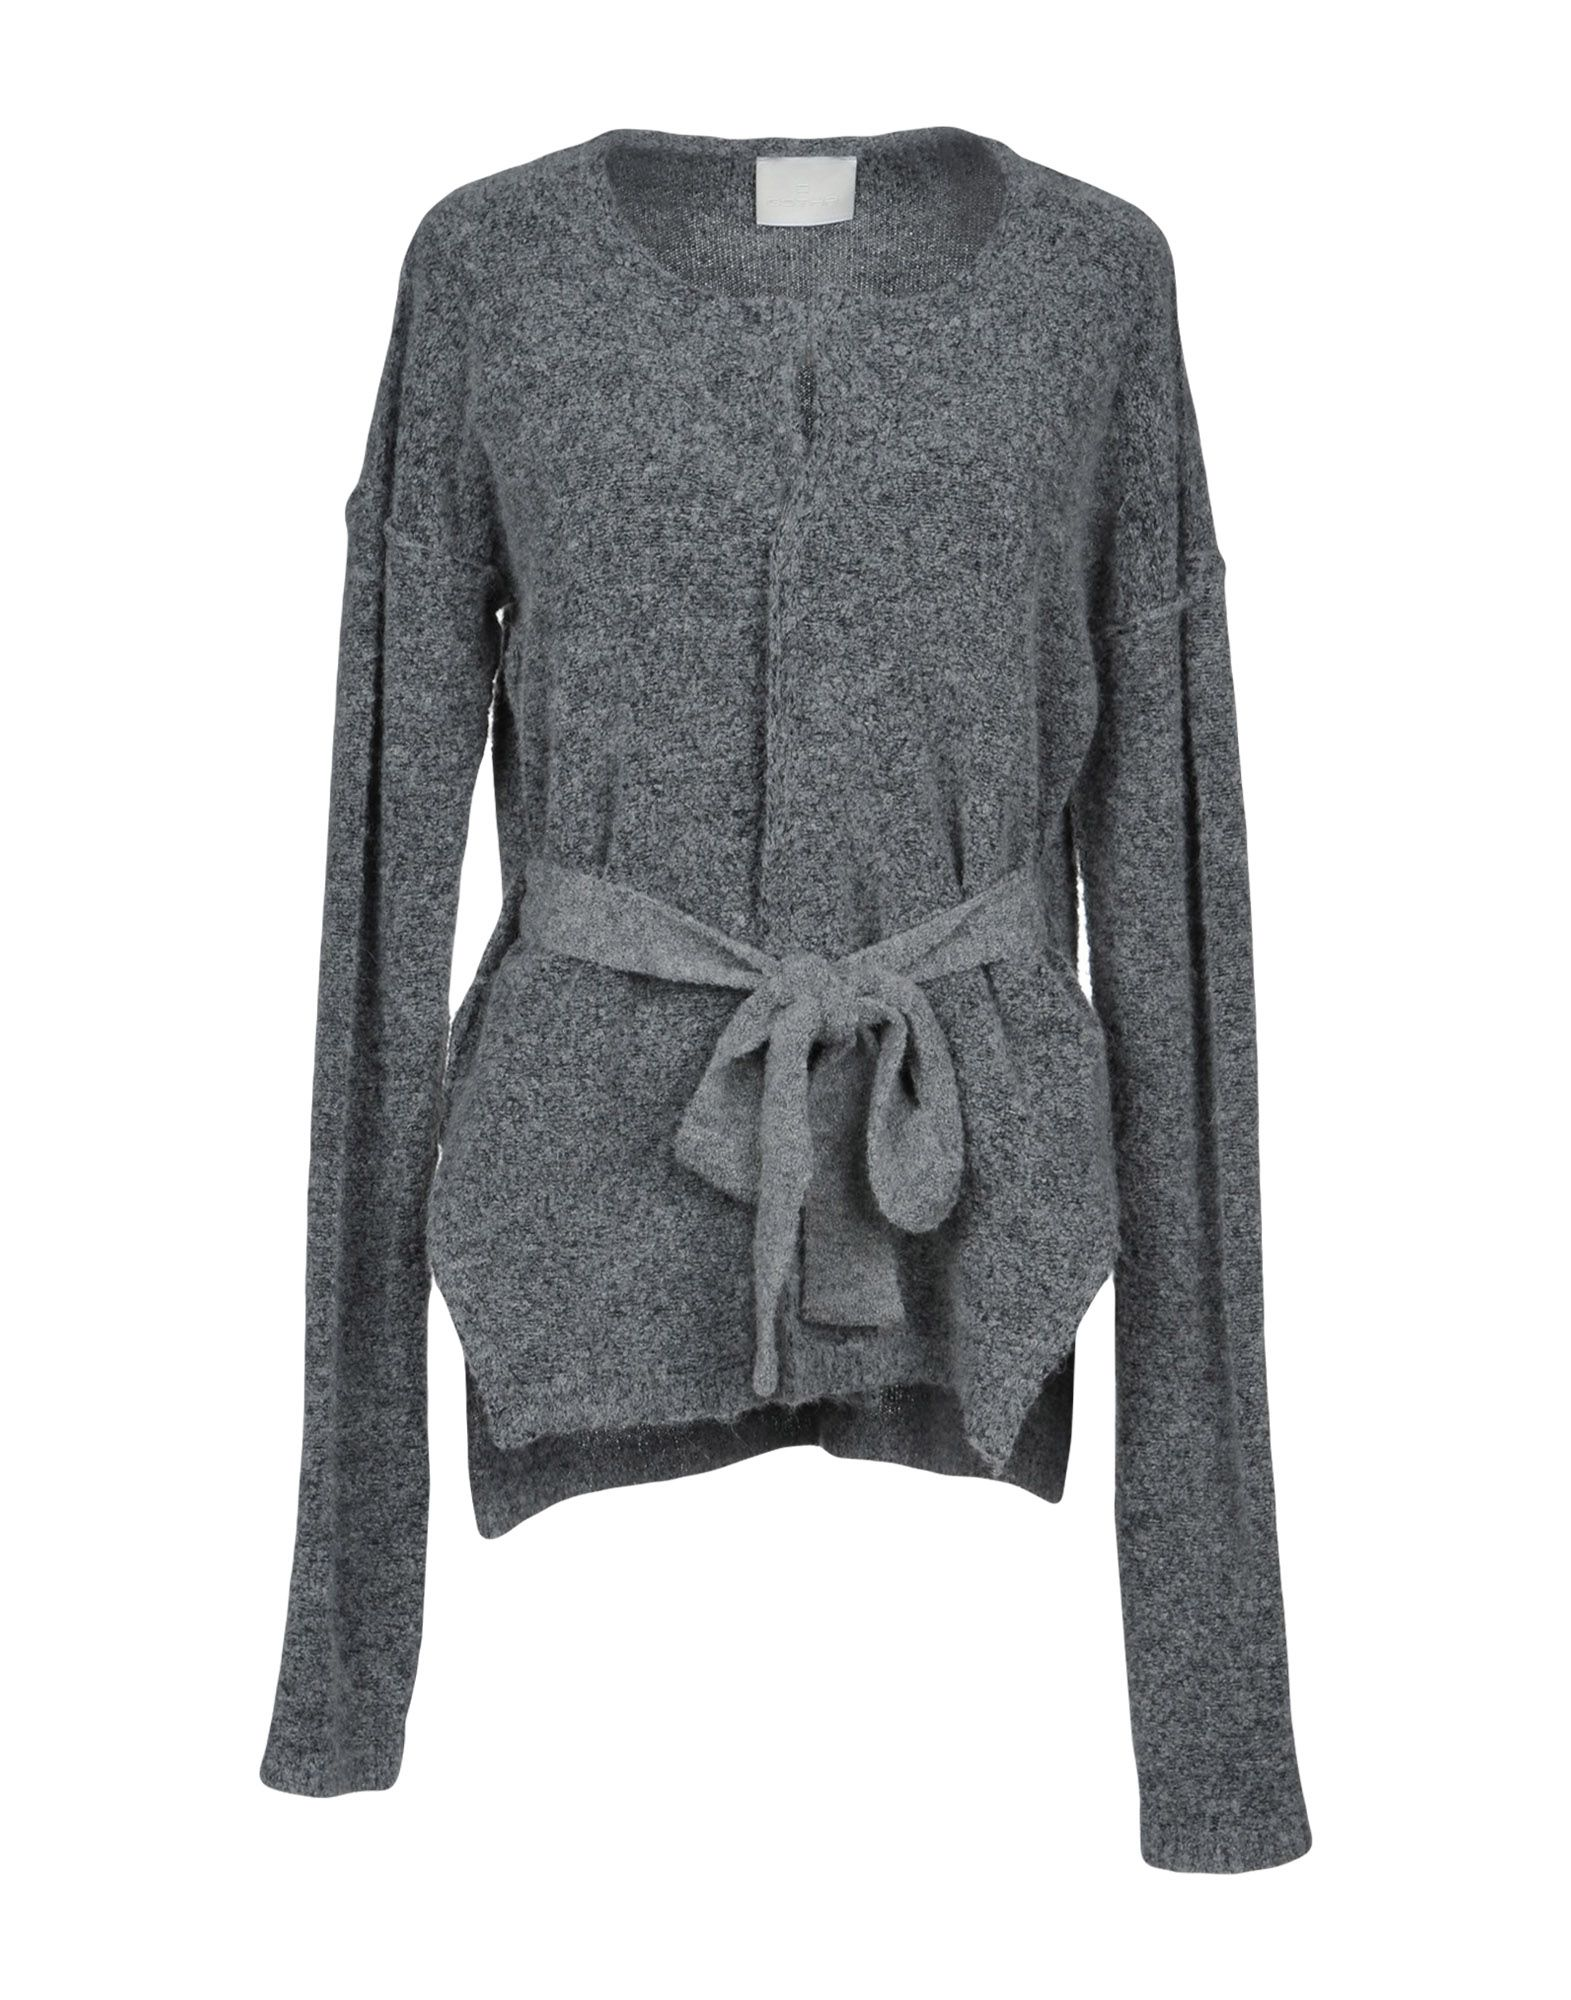 GOTHA Cardigan in Grey